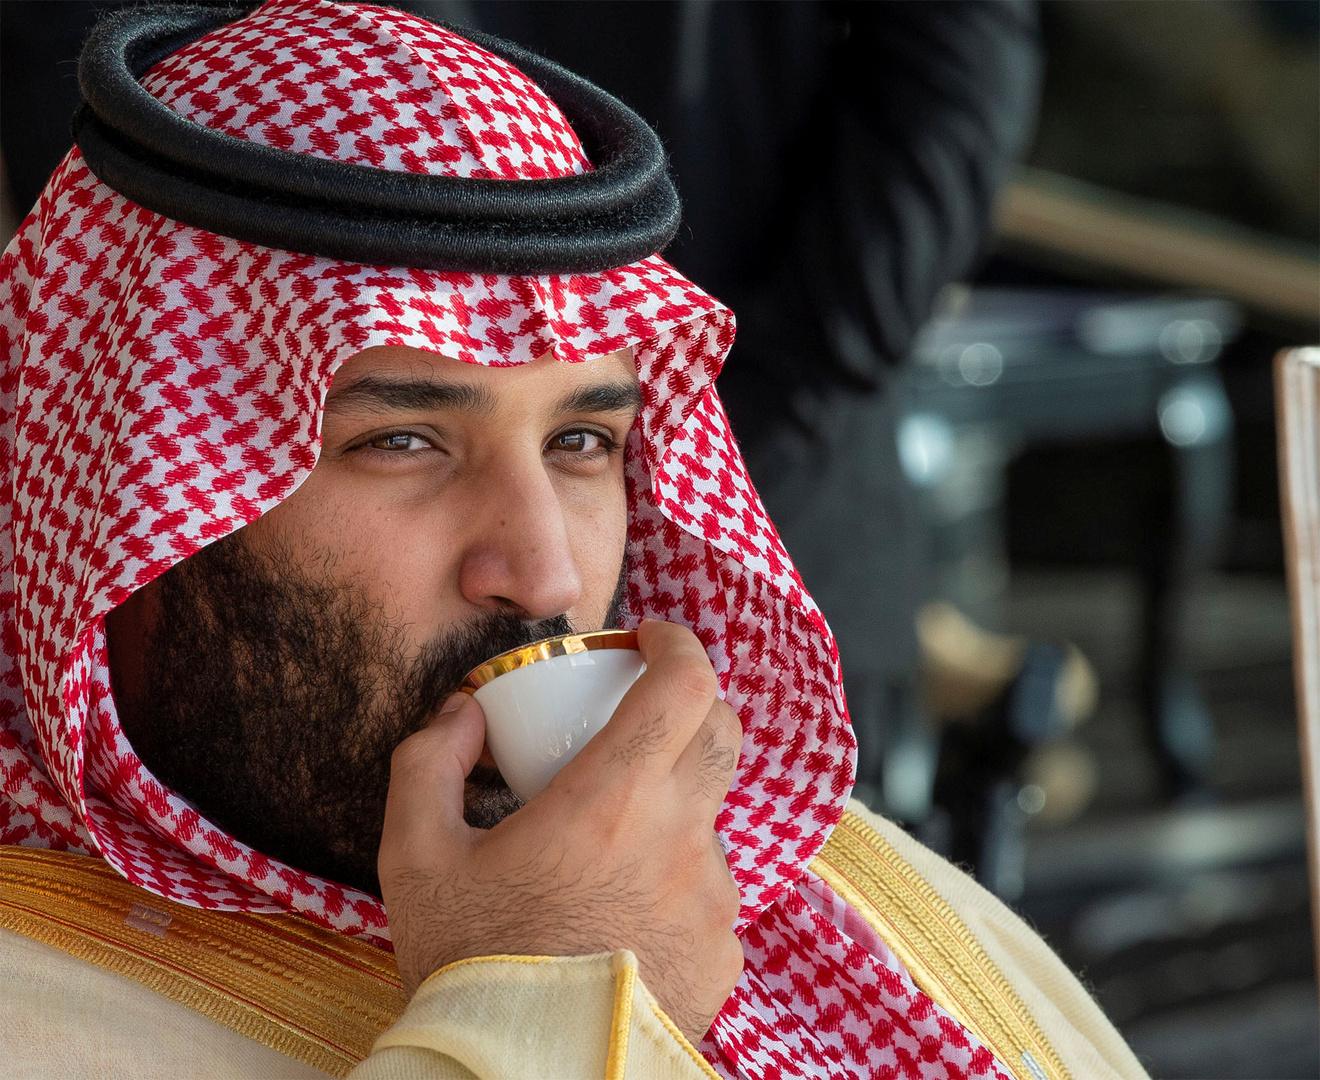 وكالة: الأميران السعوديان المعتقلان لم يخططا لانقلاب واعتقلا لعدم ولائهما لولي العهد